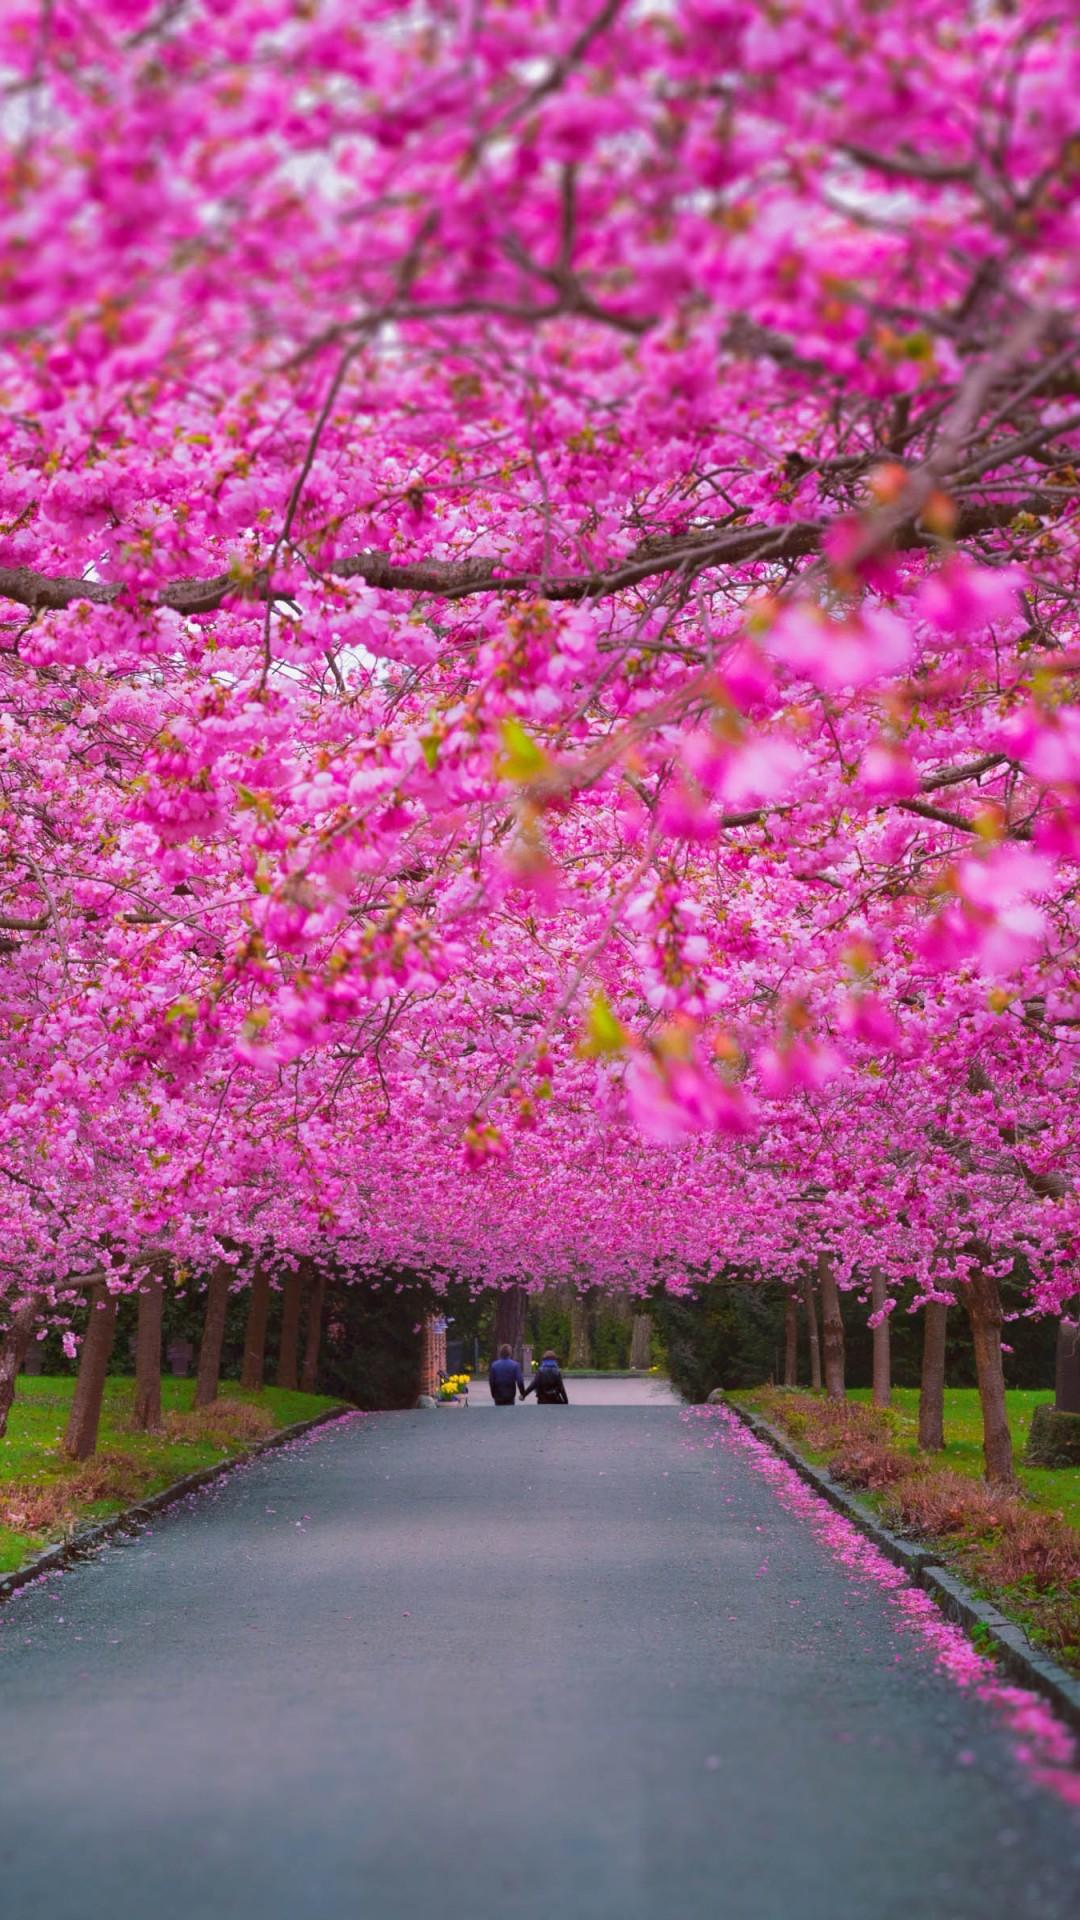 Cherry Blossom Wallpaper Hd Wallpaper Trees 4k 5k Wallpaper Sakura Spring Nature